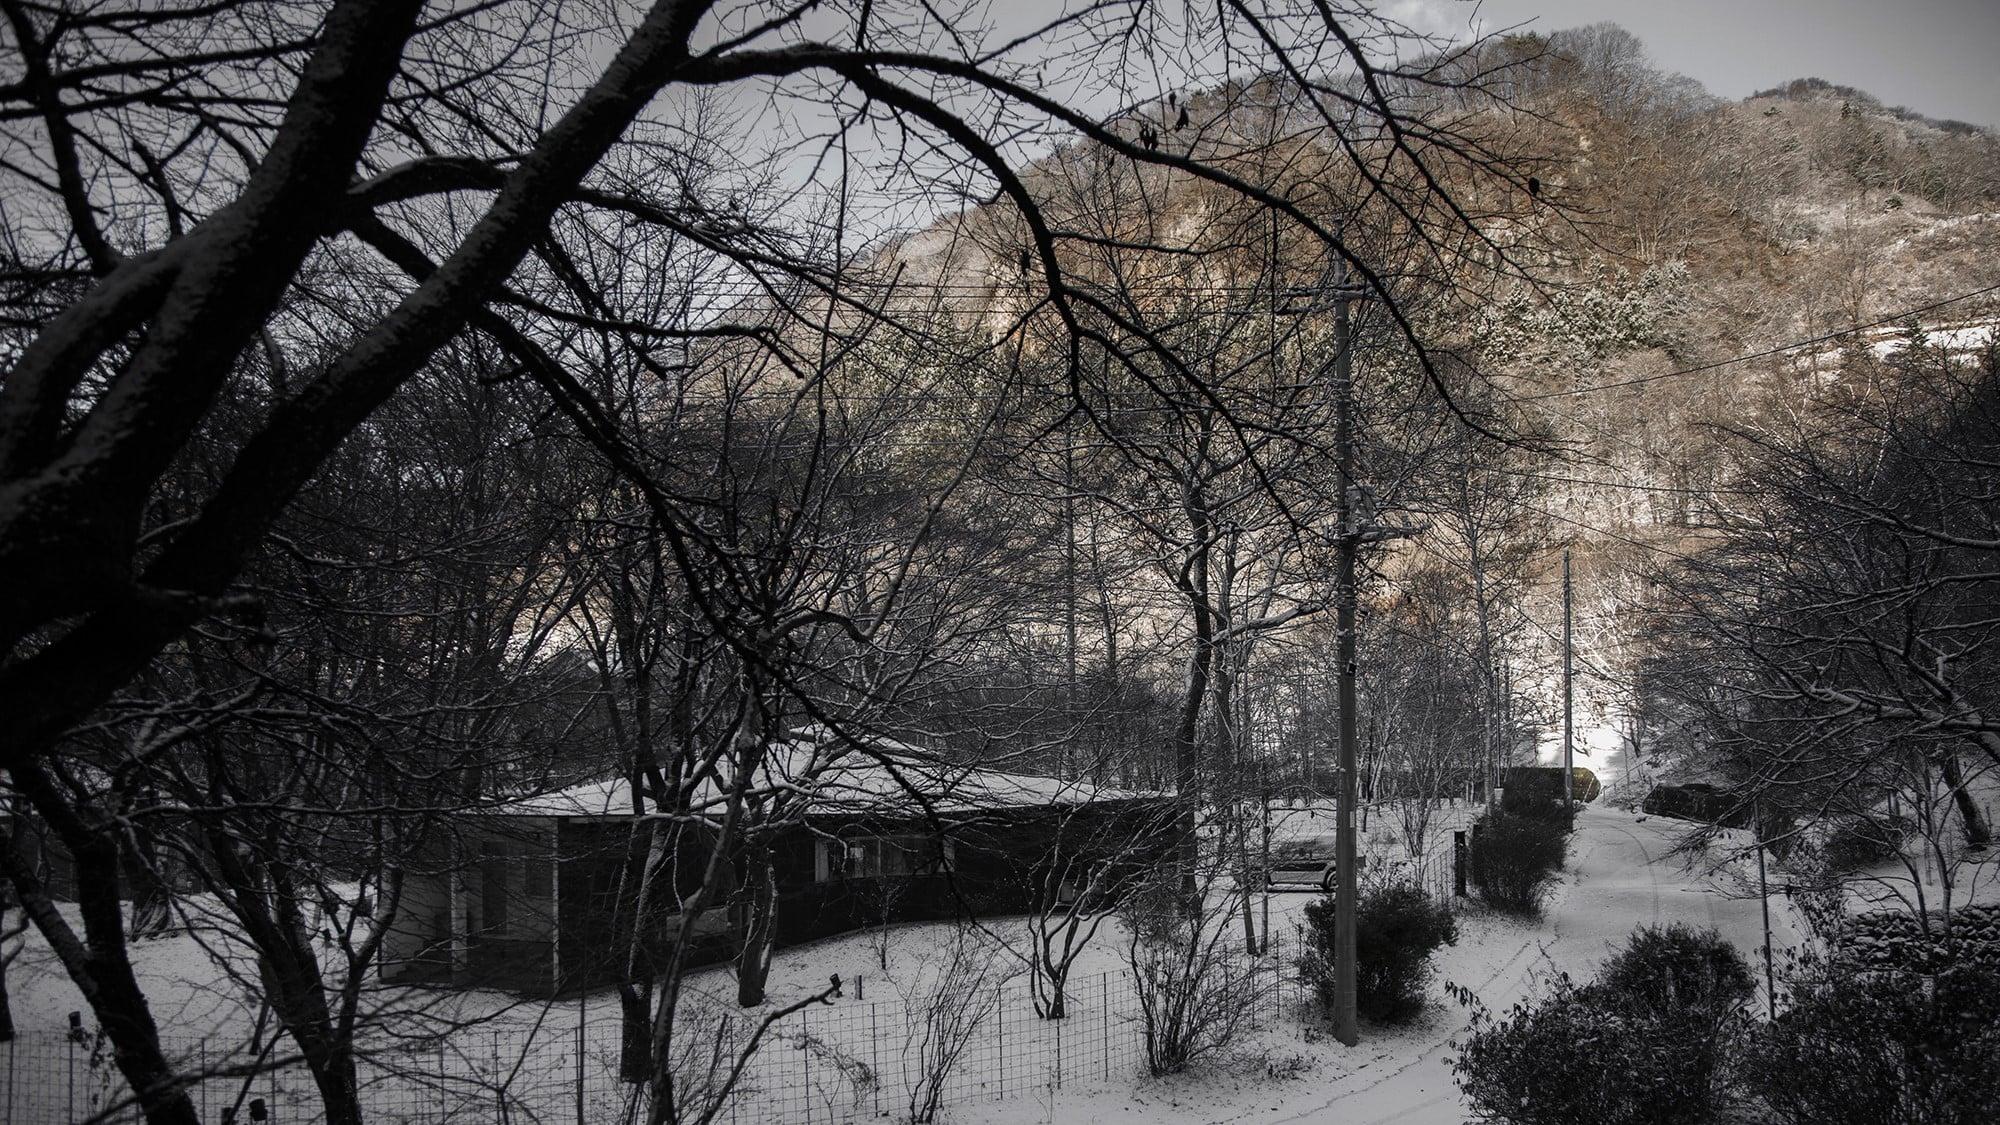 周辺を雪に覆われた自邸の全景。人が少なくて静かな冬の軽井沢が好きだ。